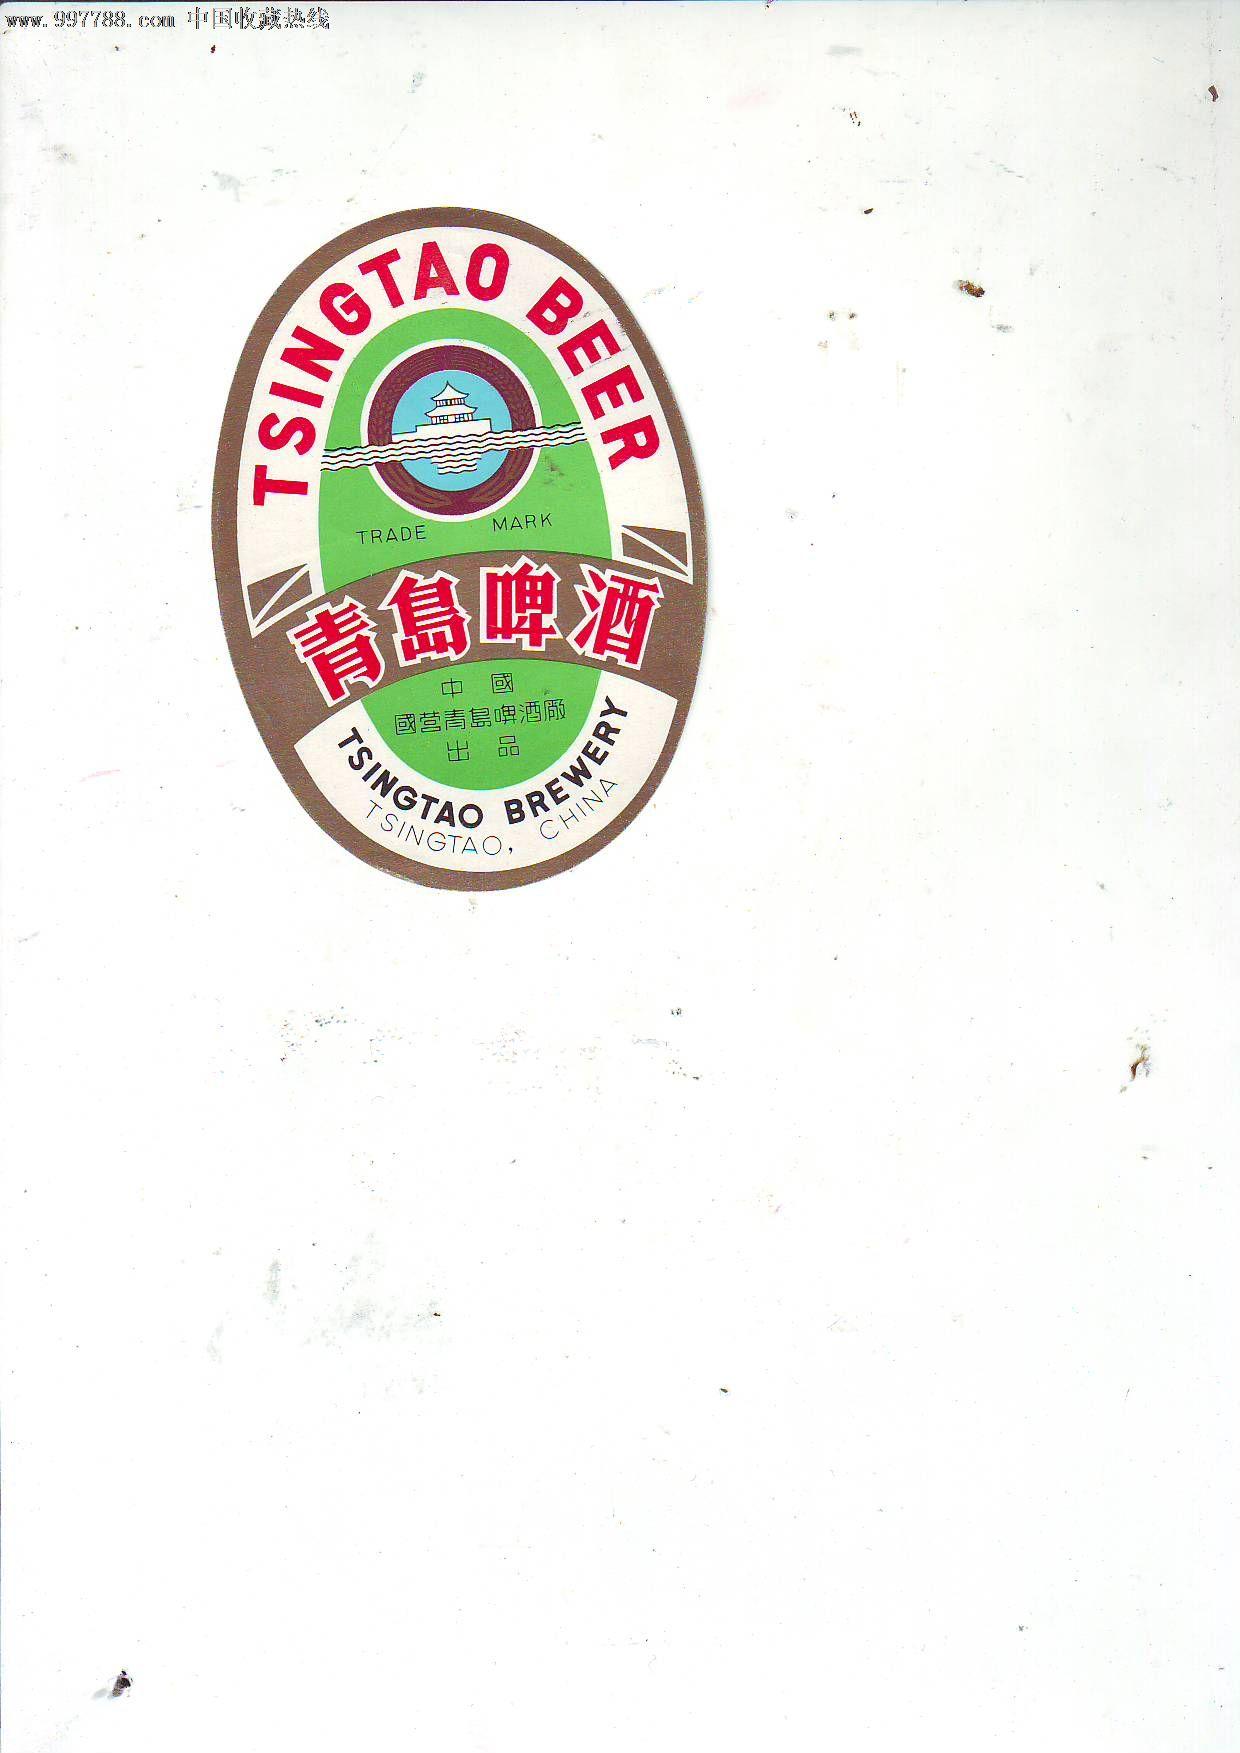 青岛啤酒-酒标--se14368309-零售-7788收藏__中国收藏